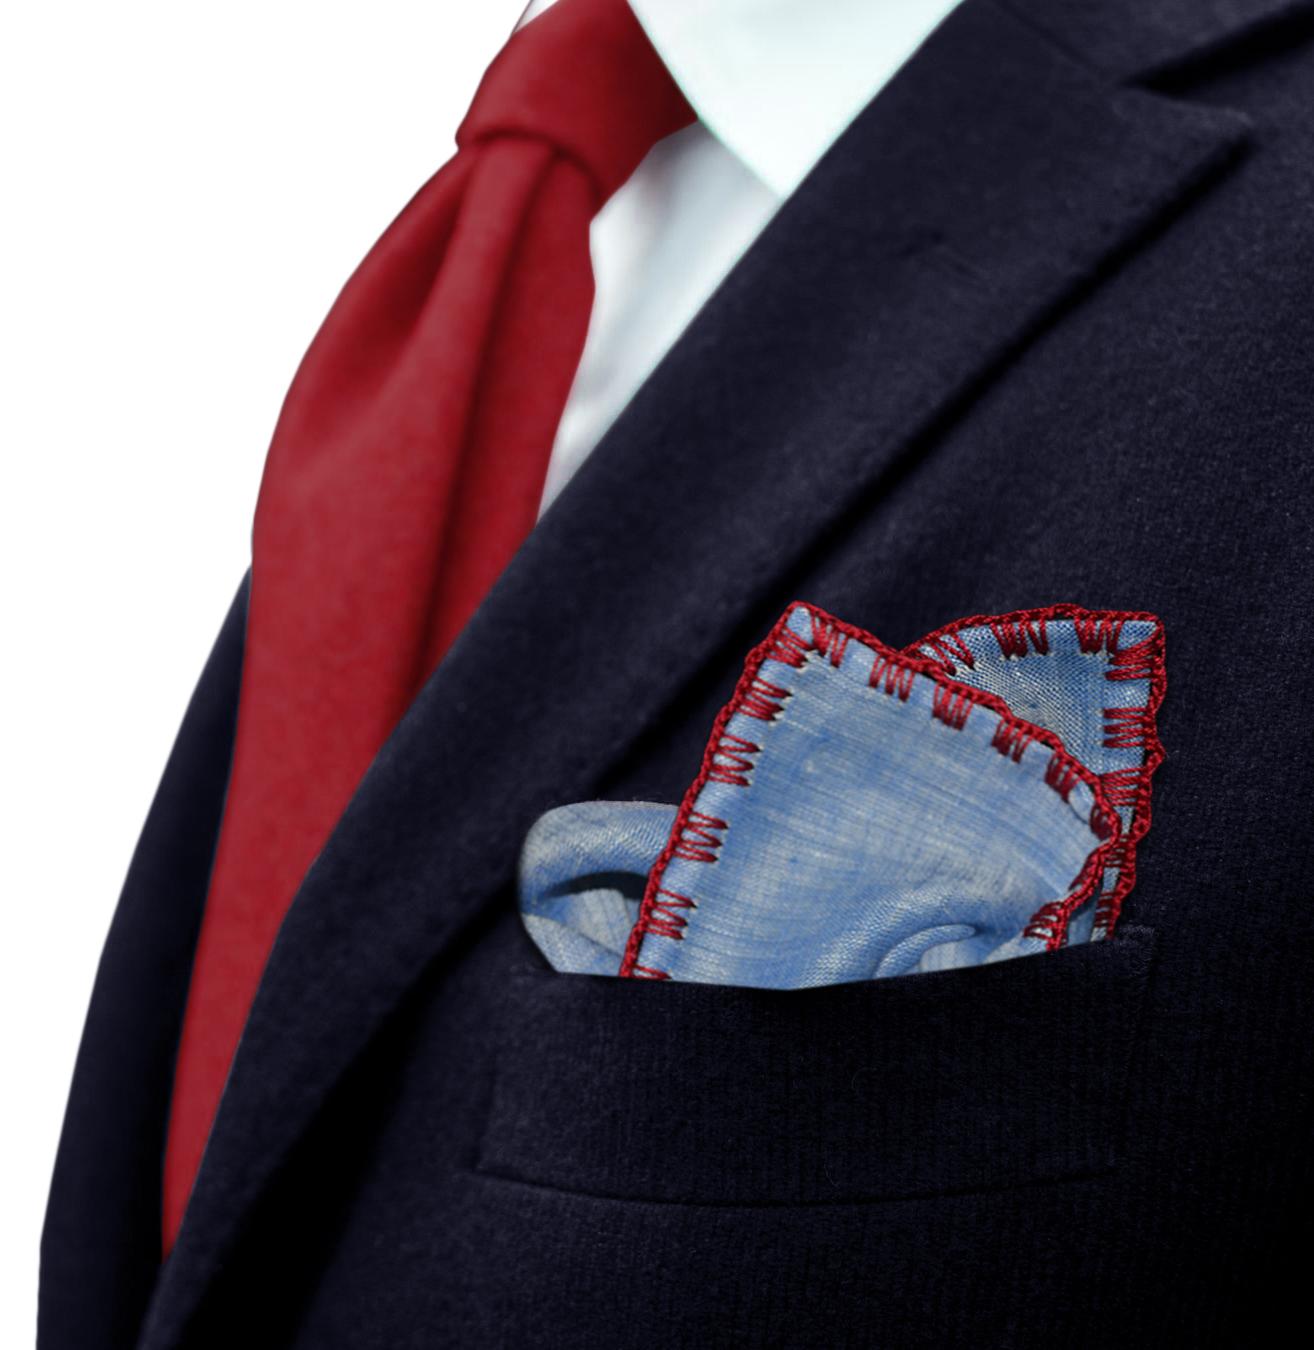 fazzoletto da taschino come si porta pochette giacca